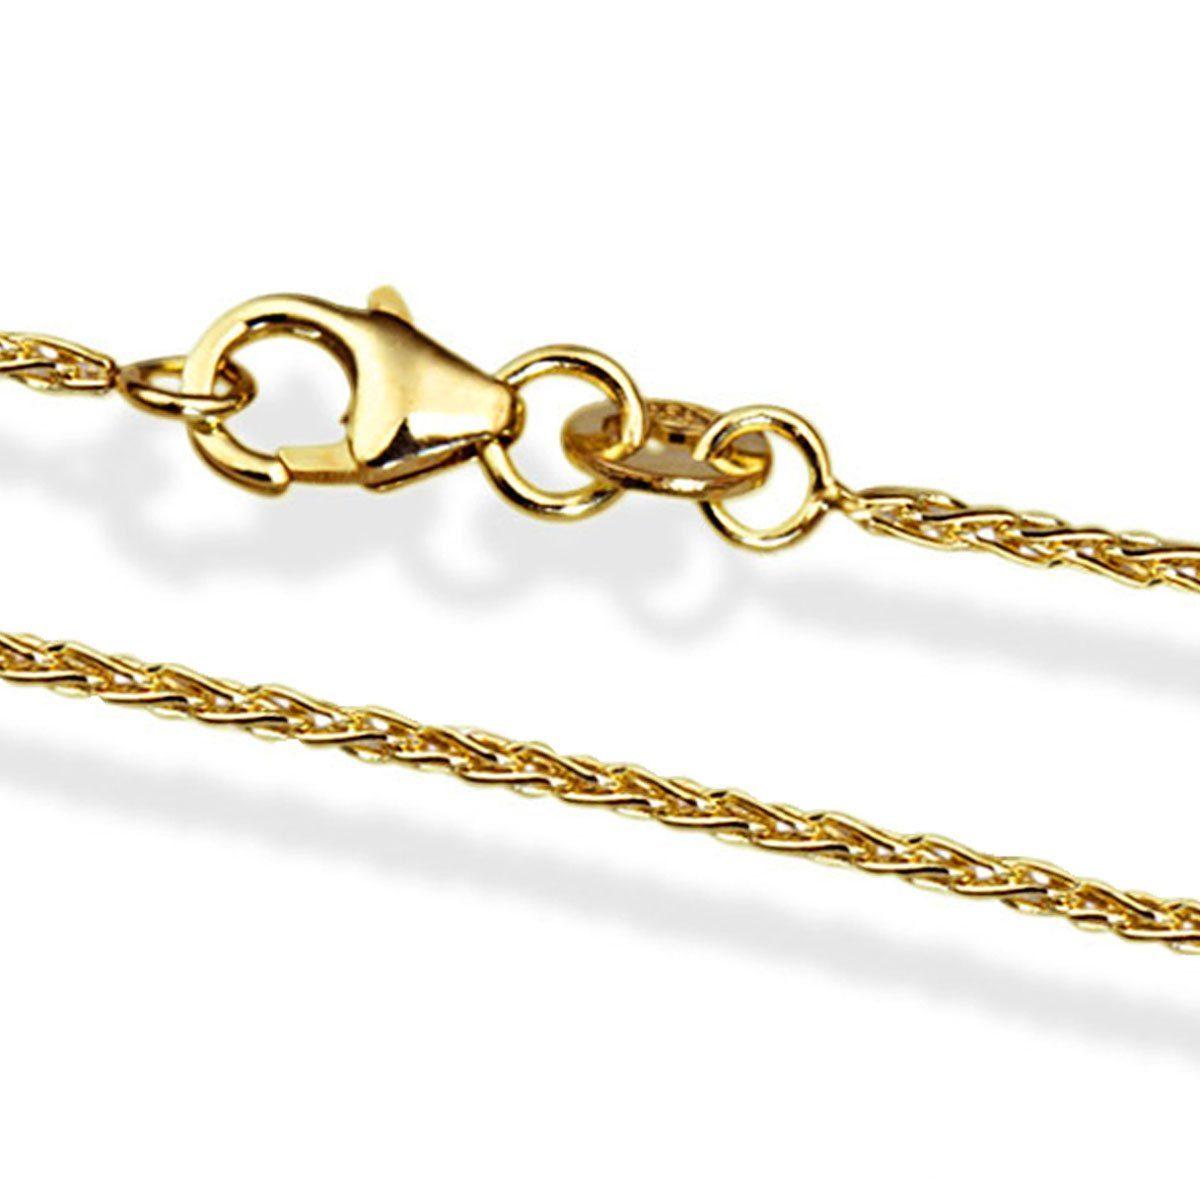 goldmaid Zopfkette 375/- Gelbgold 42 cm